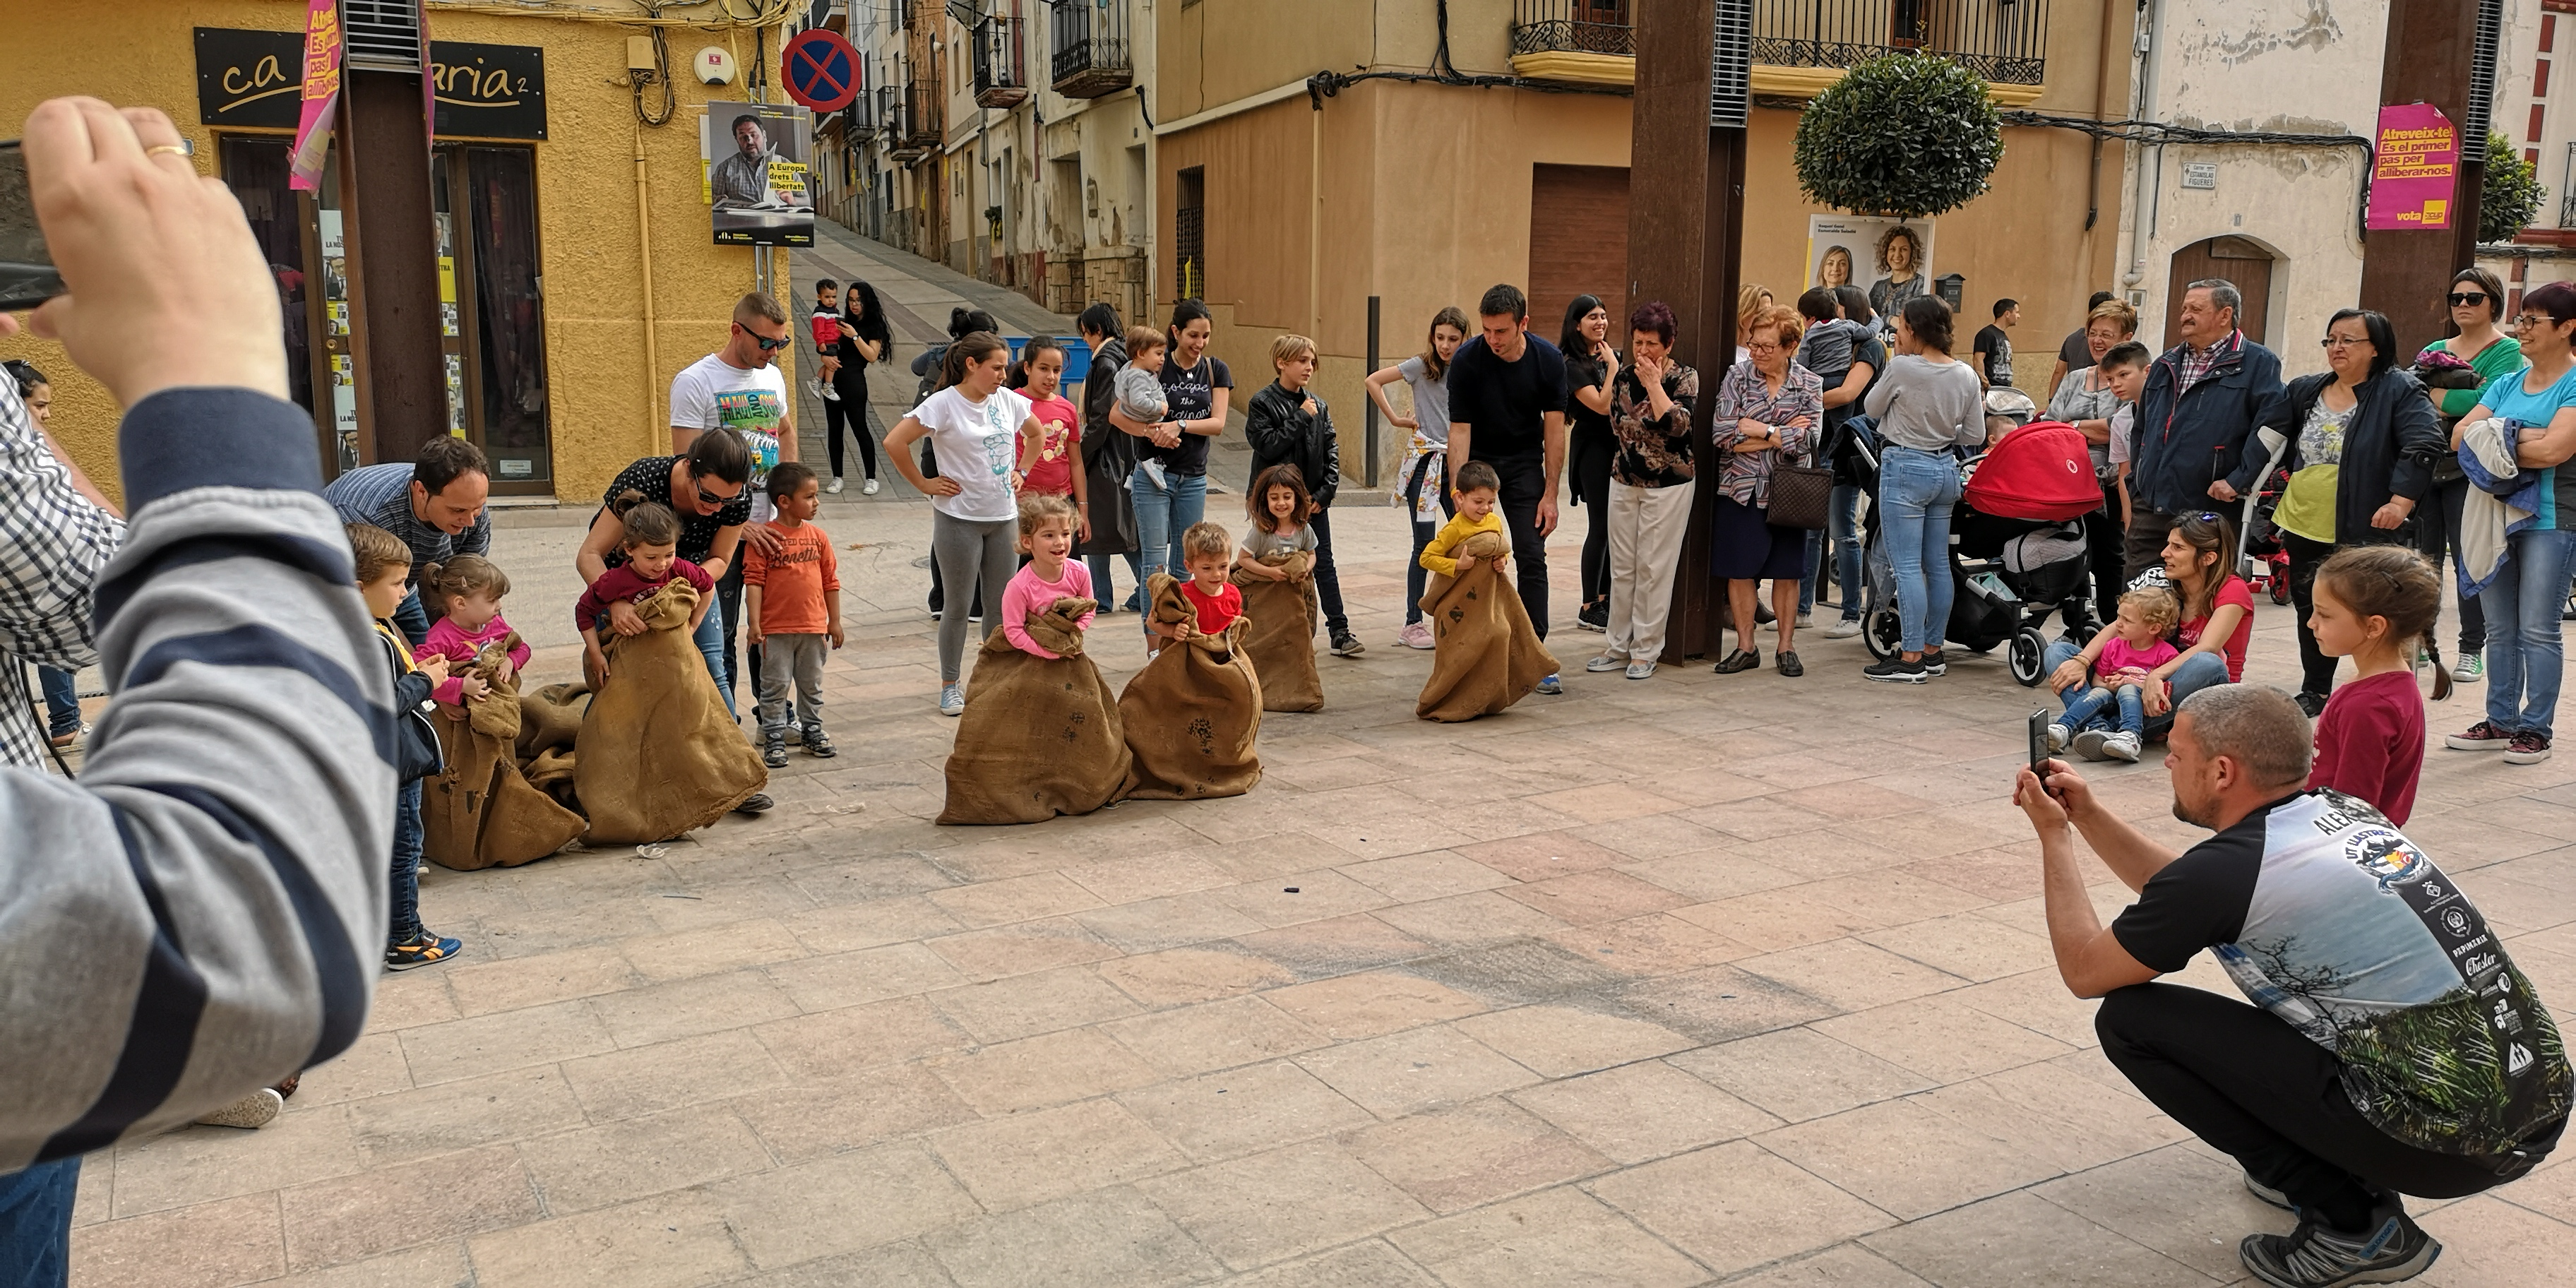 Jocs infantils al carrer